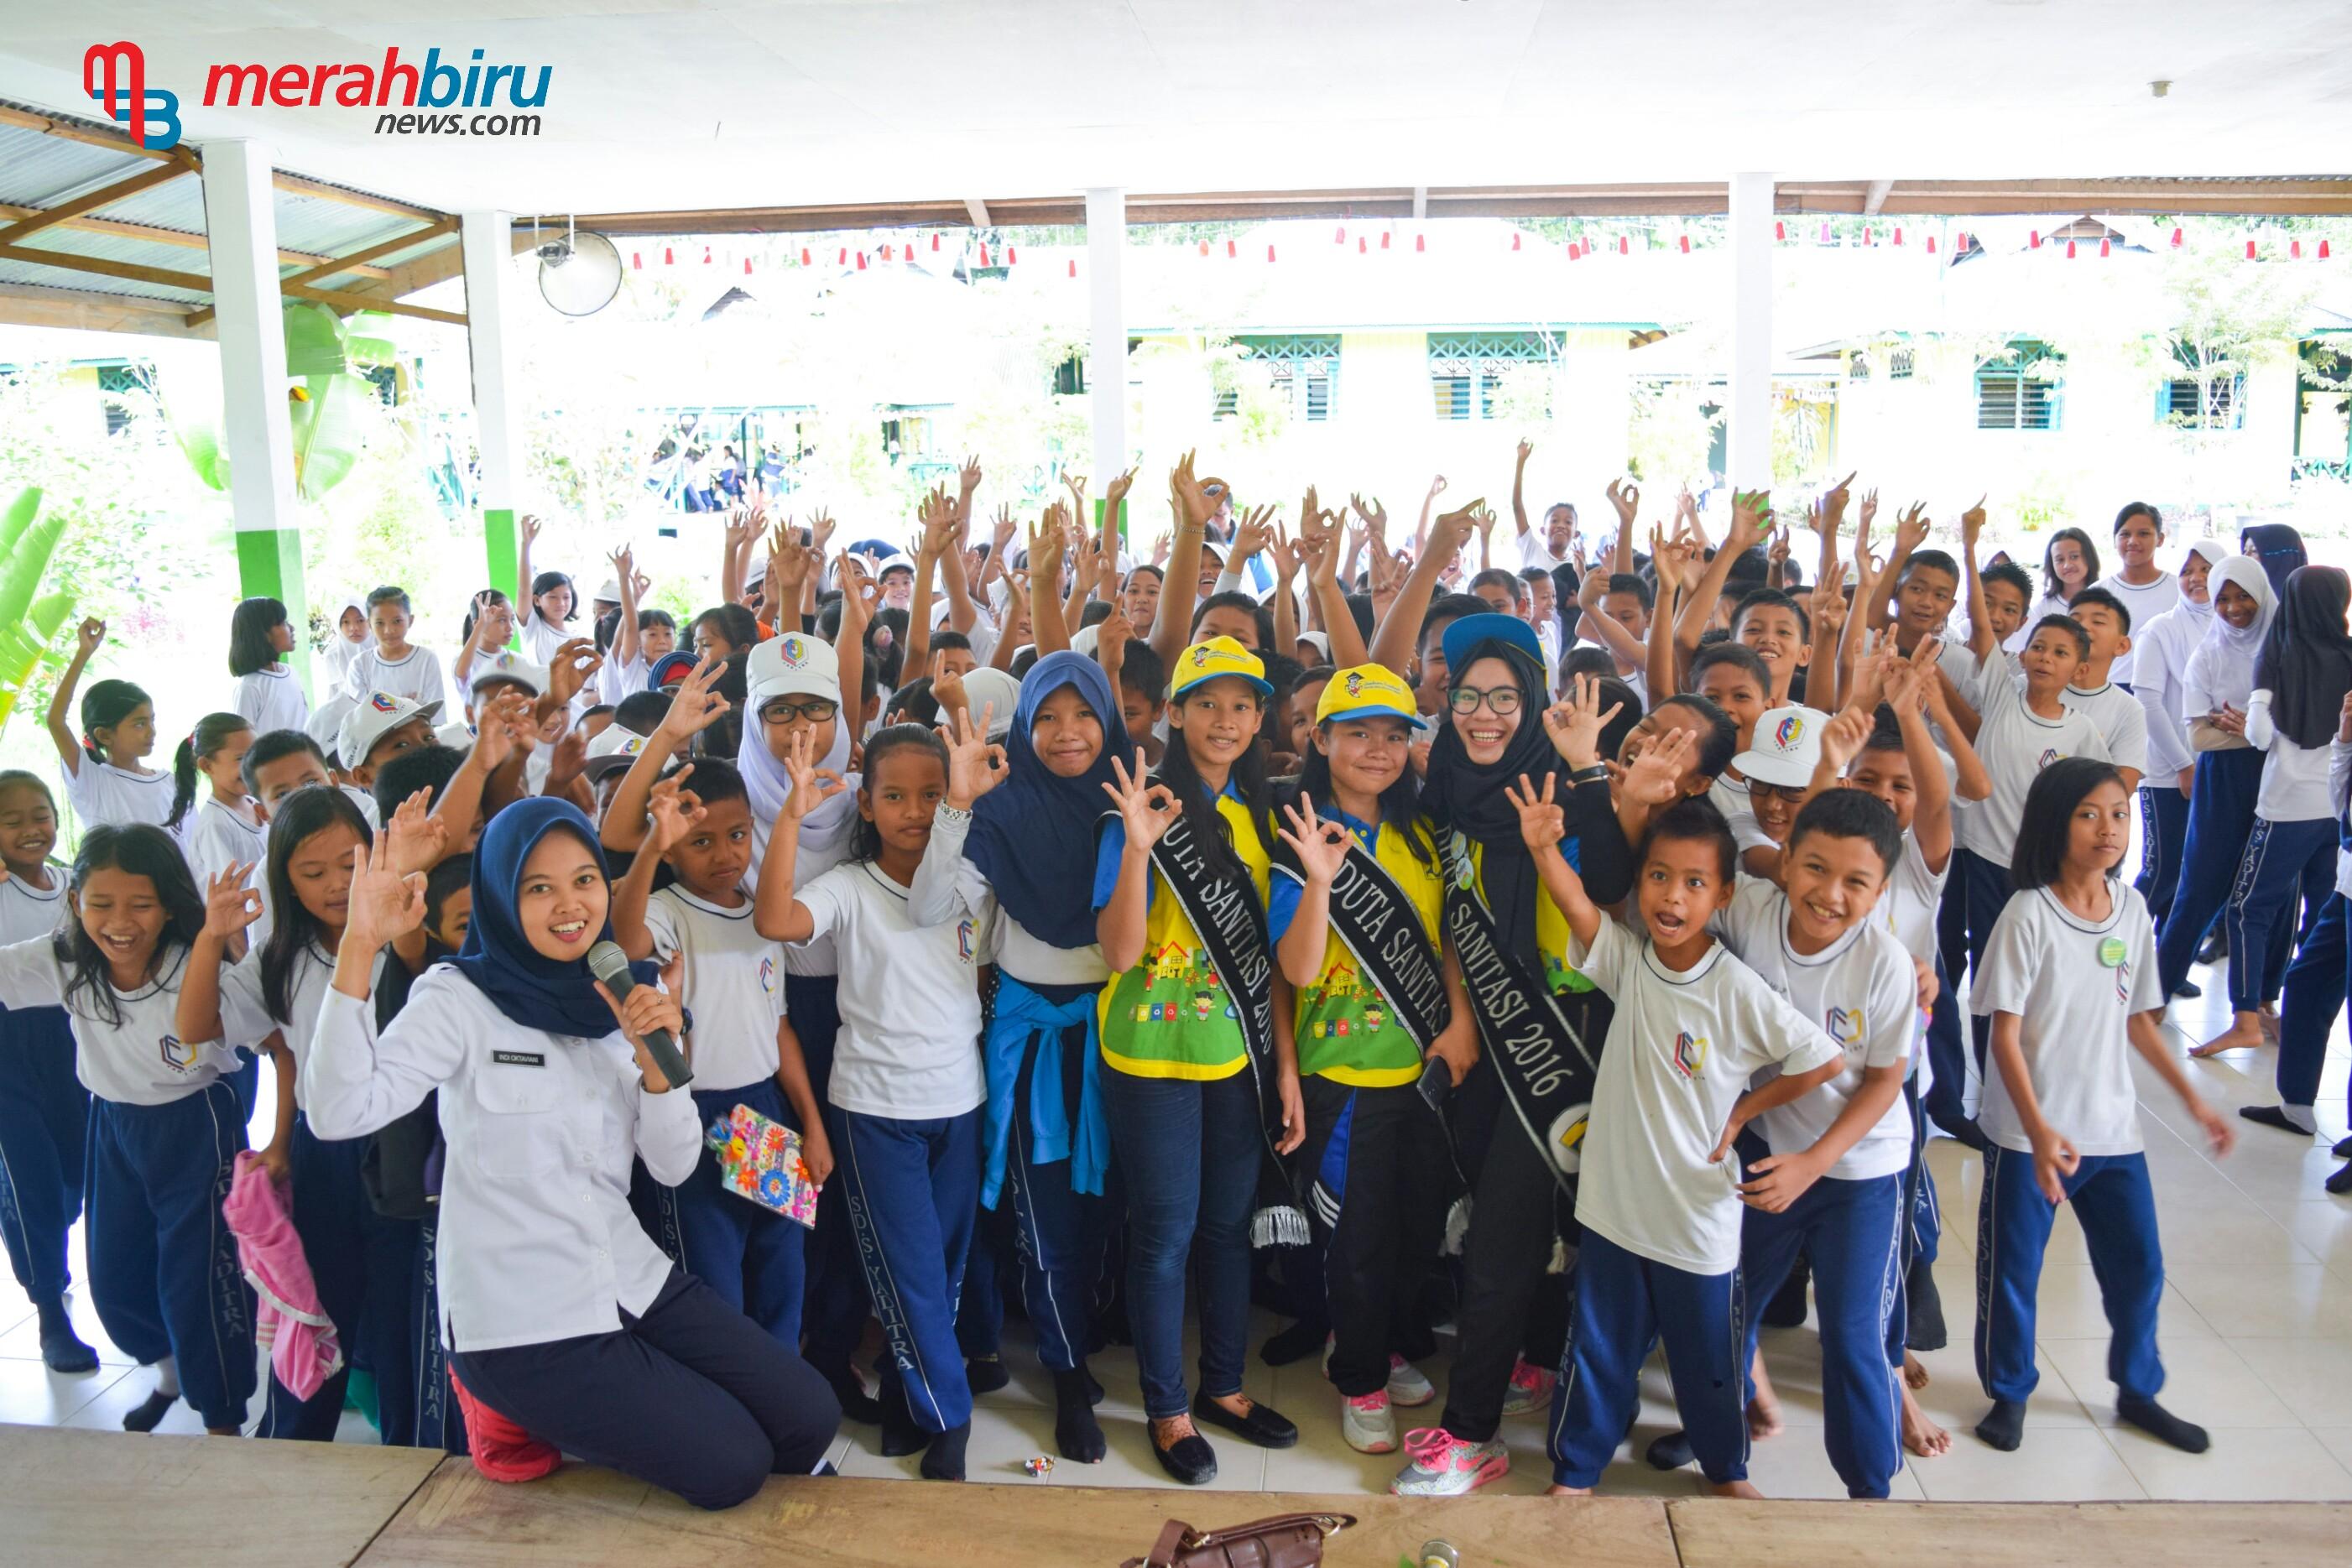 Inilah Keseruan Duta Sanitasi Kaltara Saat Sosialisasi Kampanye Edukasi di SD YADITRA